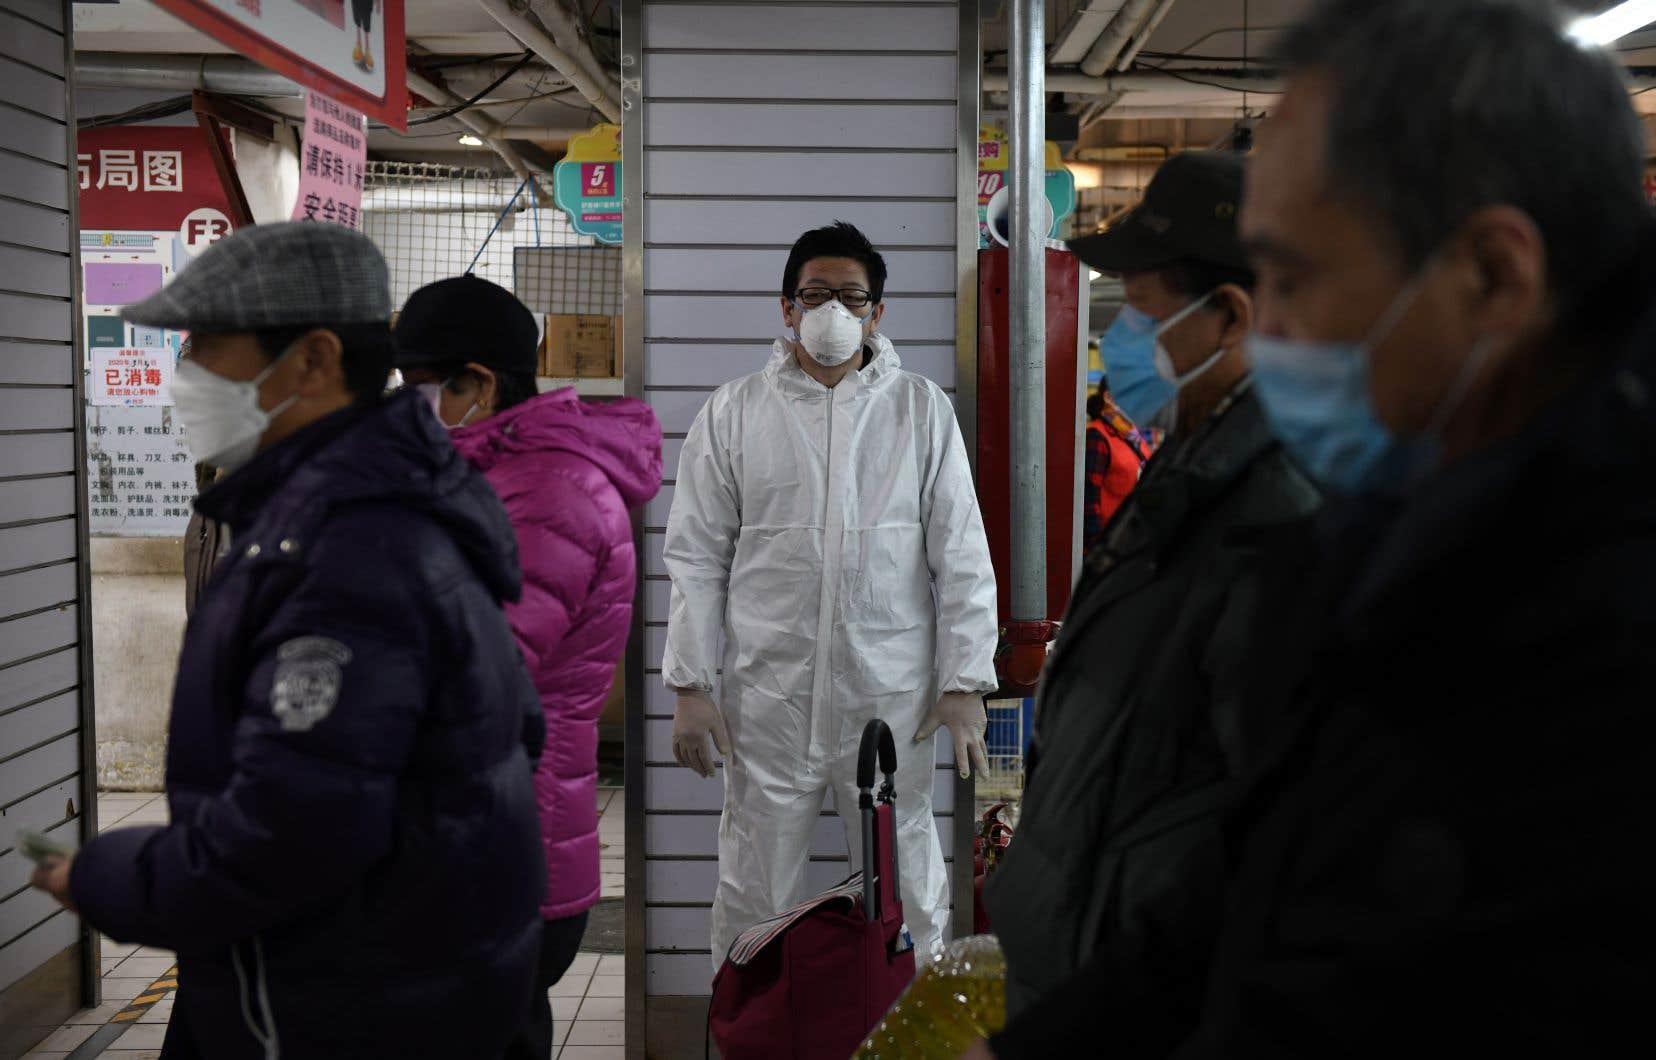 L'épidémie semble faiblir en Chine, où des mesures de quarantaine draconiennes visent plus de 50millions de personnes depuis fin janvier. Mais le risque de recontamination par l'extérieur du pays plane.